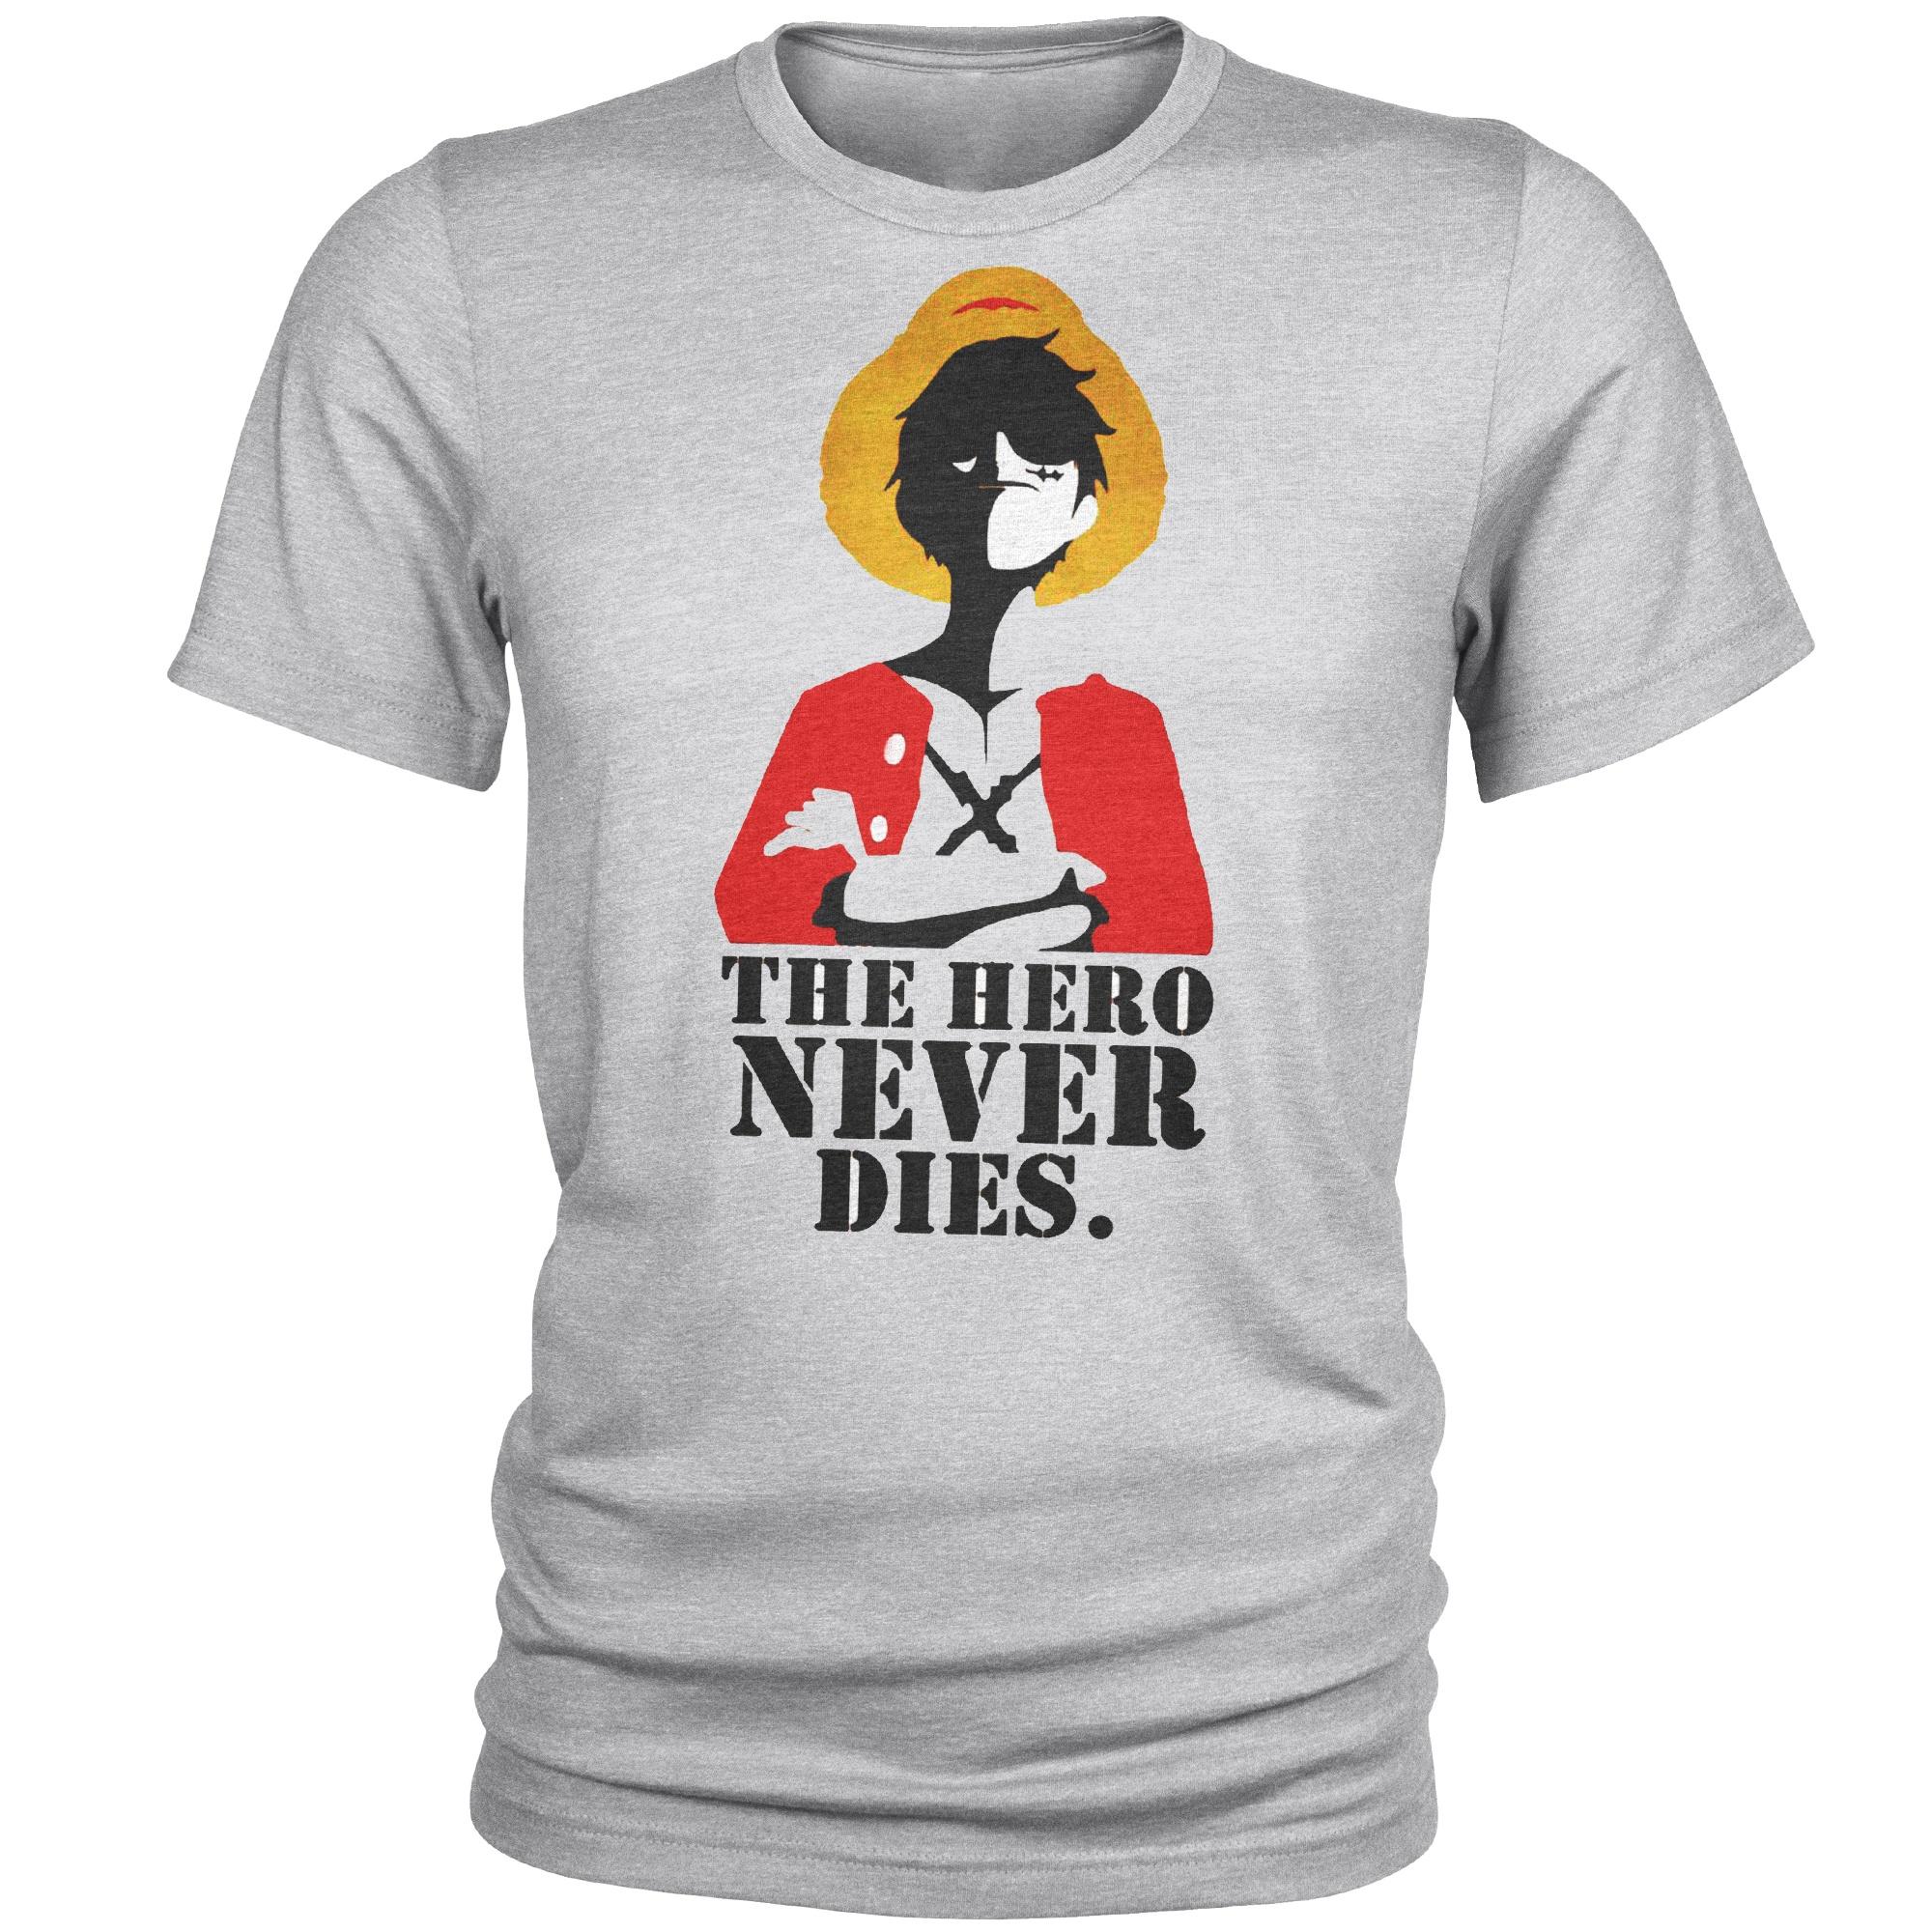 تی شرت مردانه مدل hero کد B37